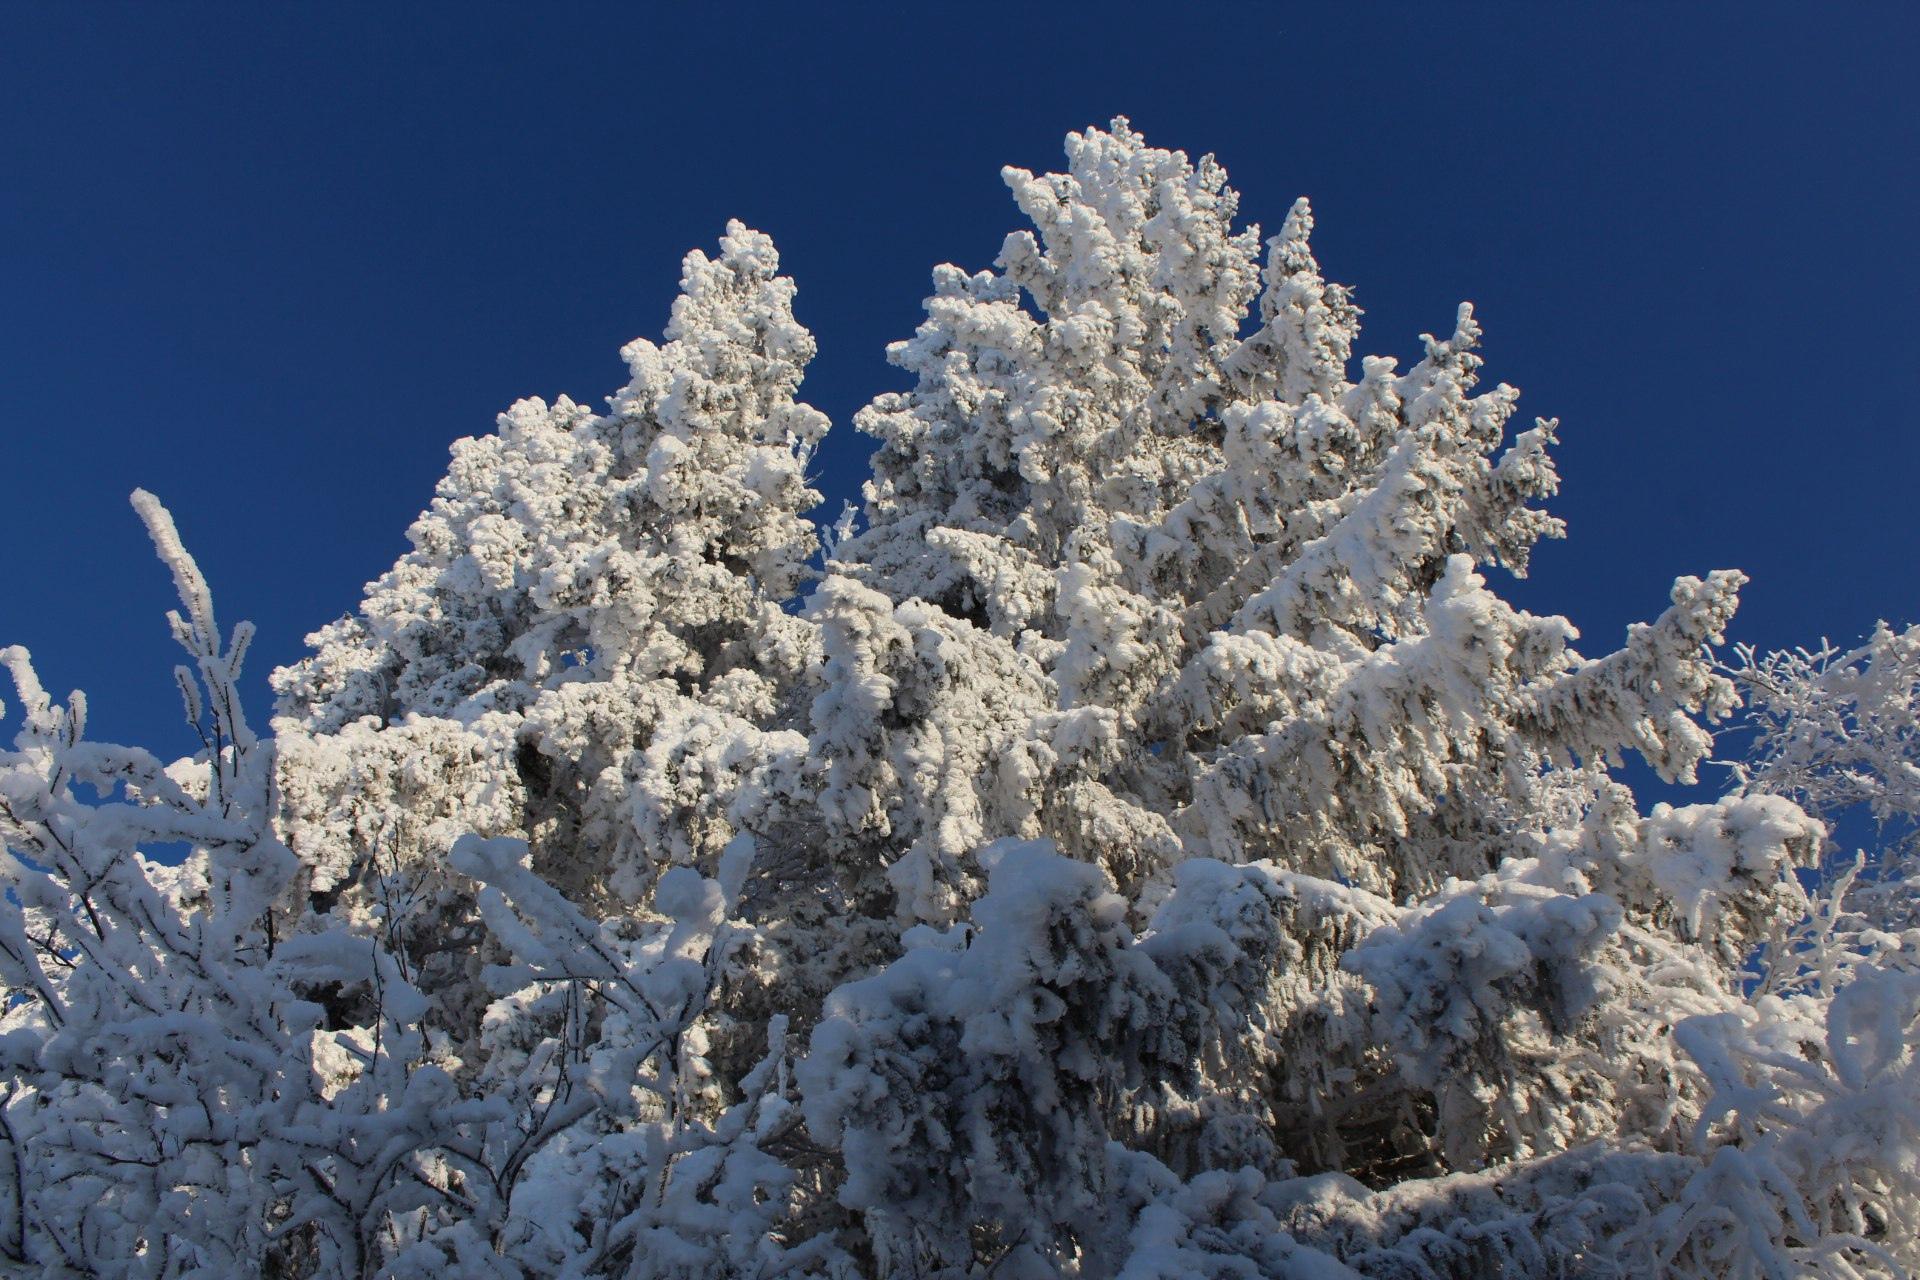 ❄С первым днем зимы! [https://vk.com/galarasl|https://vk.com/galarasl]#Удмуртия #Можгинскийрайон